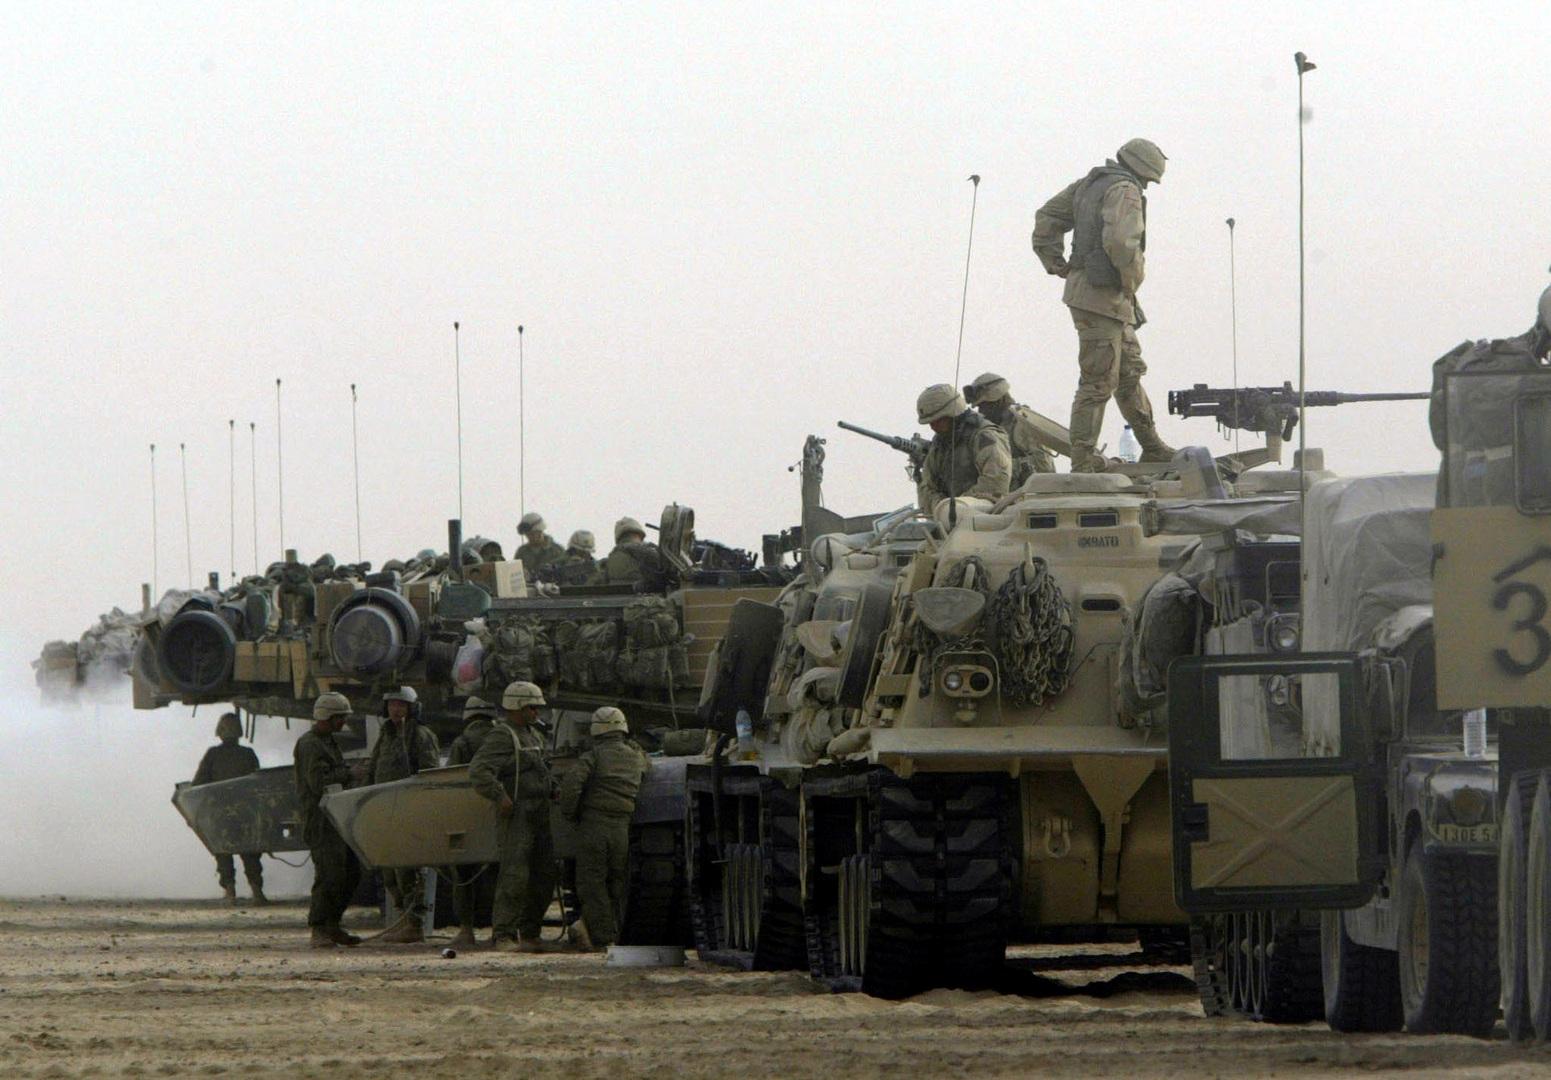 عواقب كورونا الاقتصادية ستدفع إلى خفض الإنفاق العالمي على التسلح